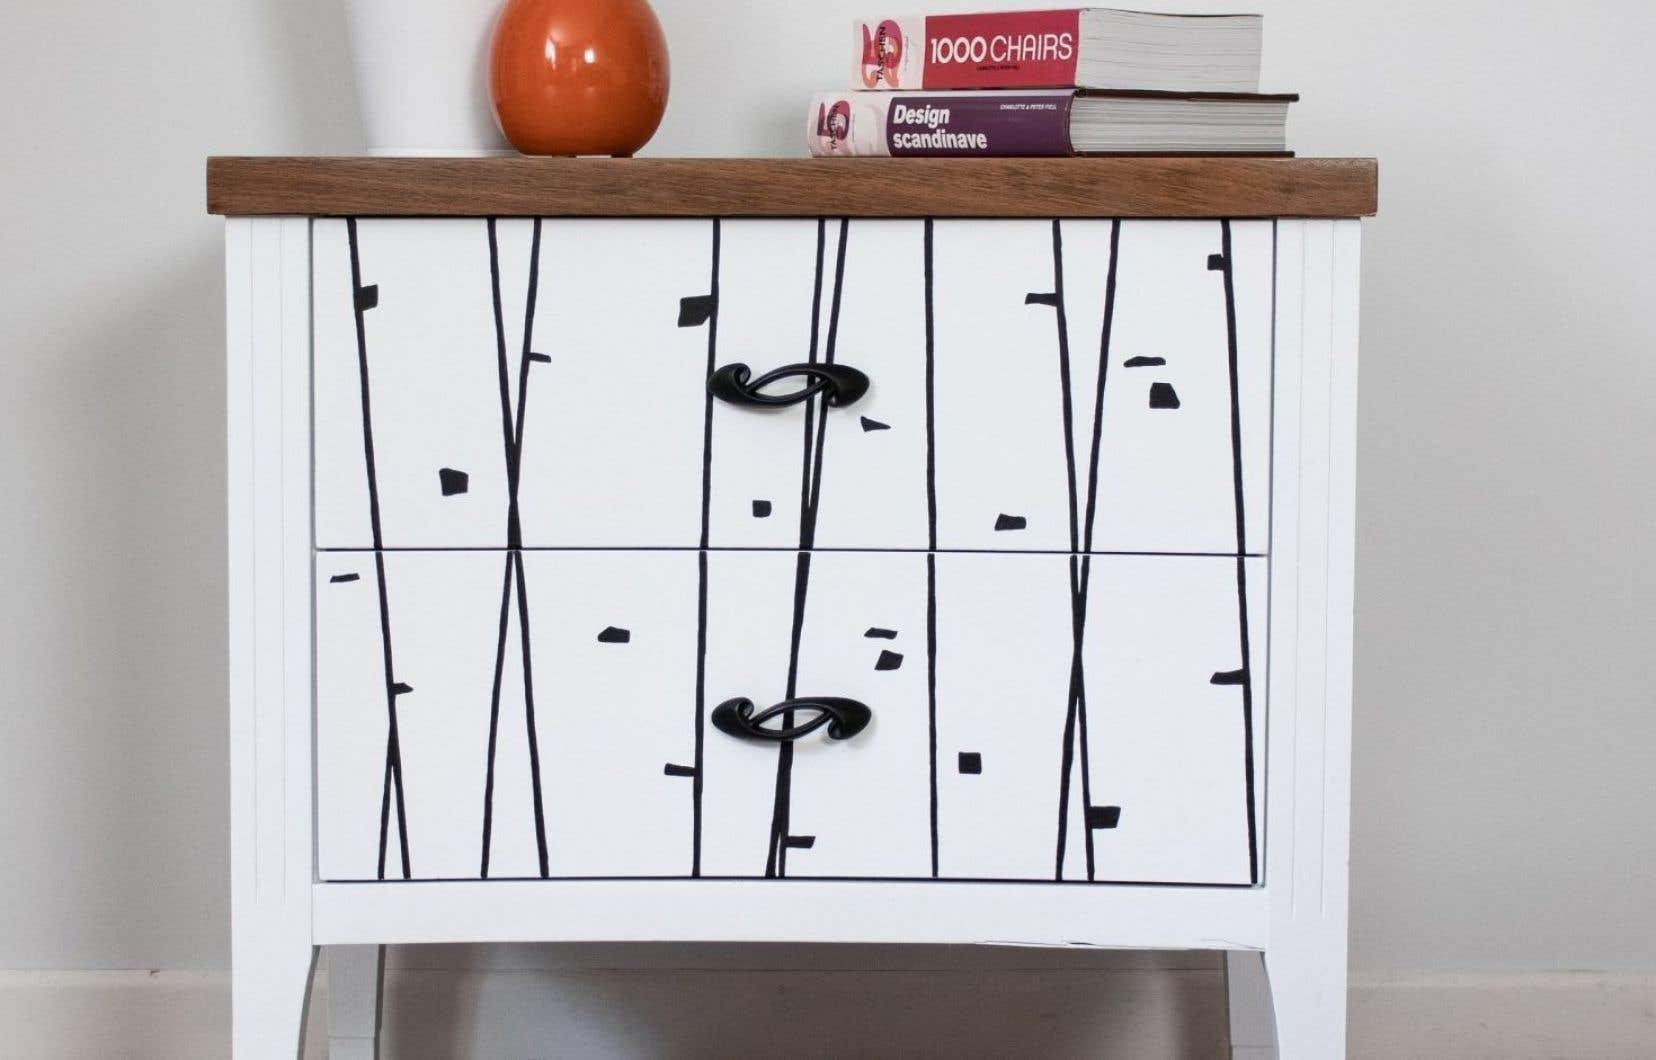 L'entreprise Second Design offre une cure de jeunesse aux meubles à l'aide de matériaux recyclés.